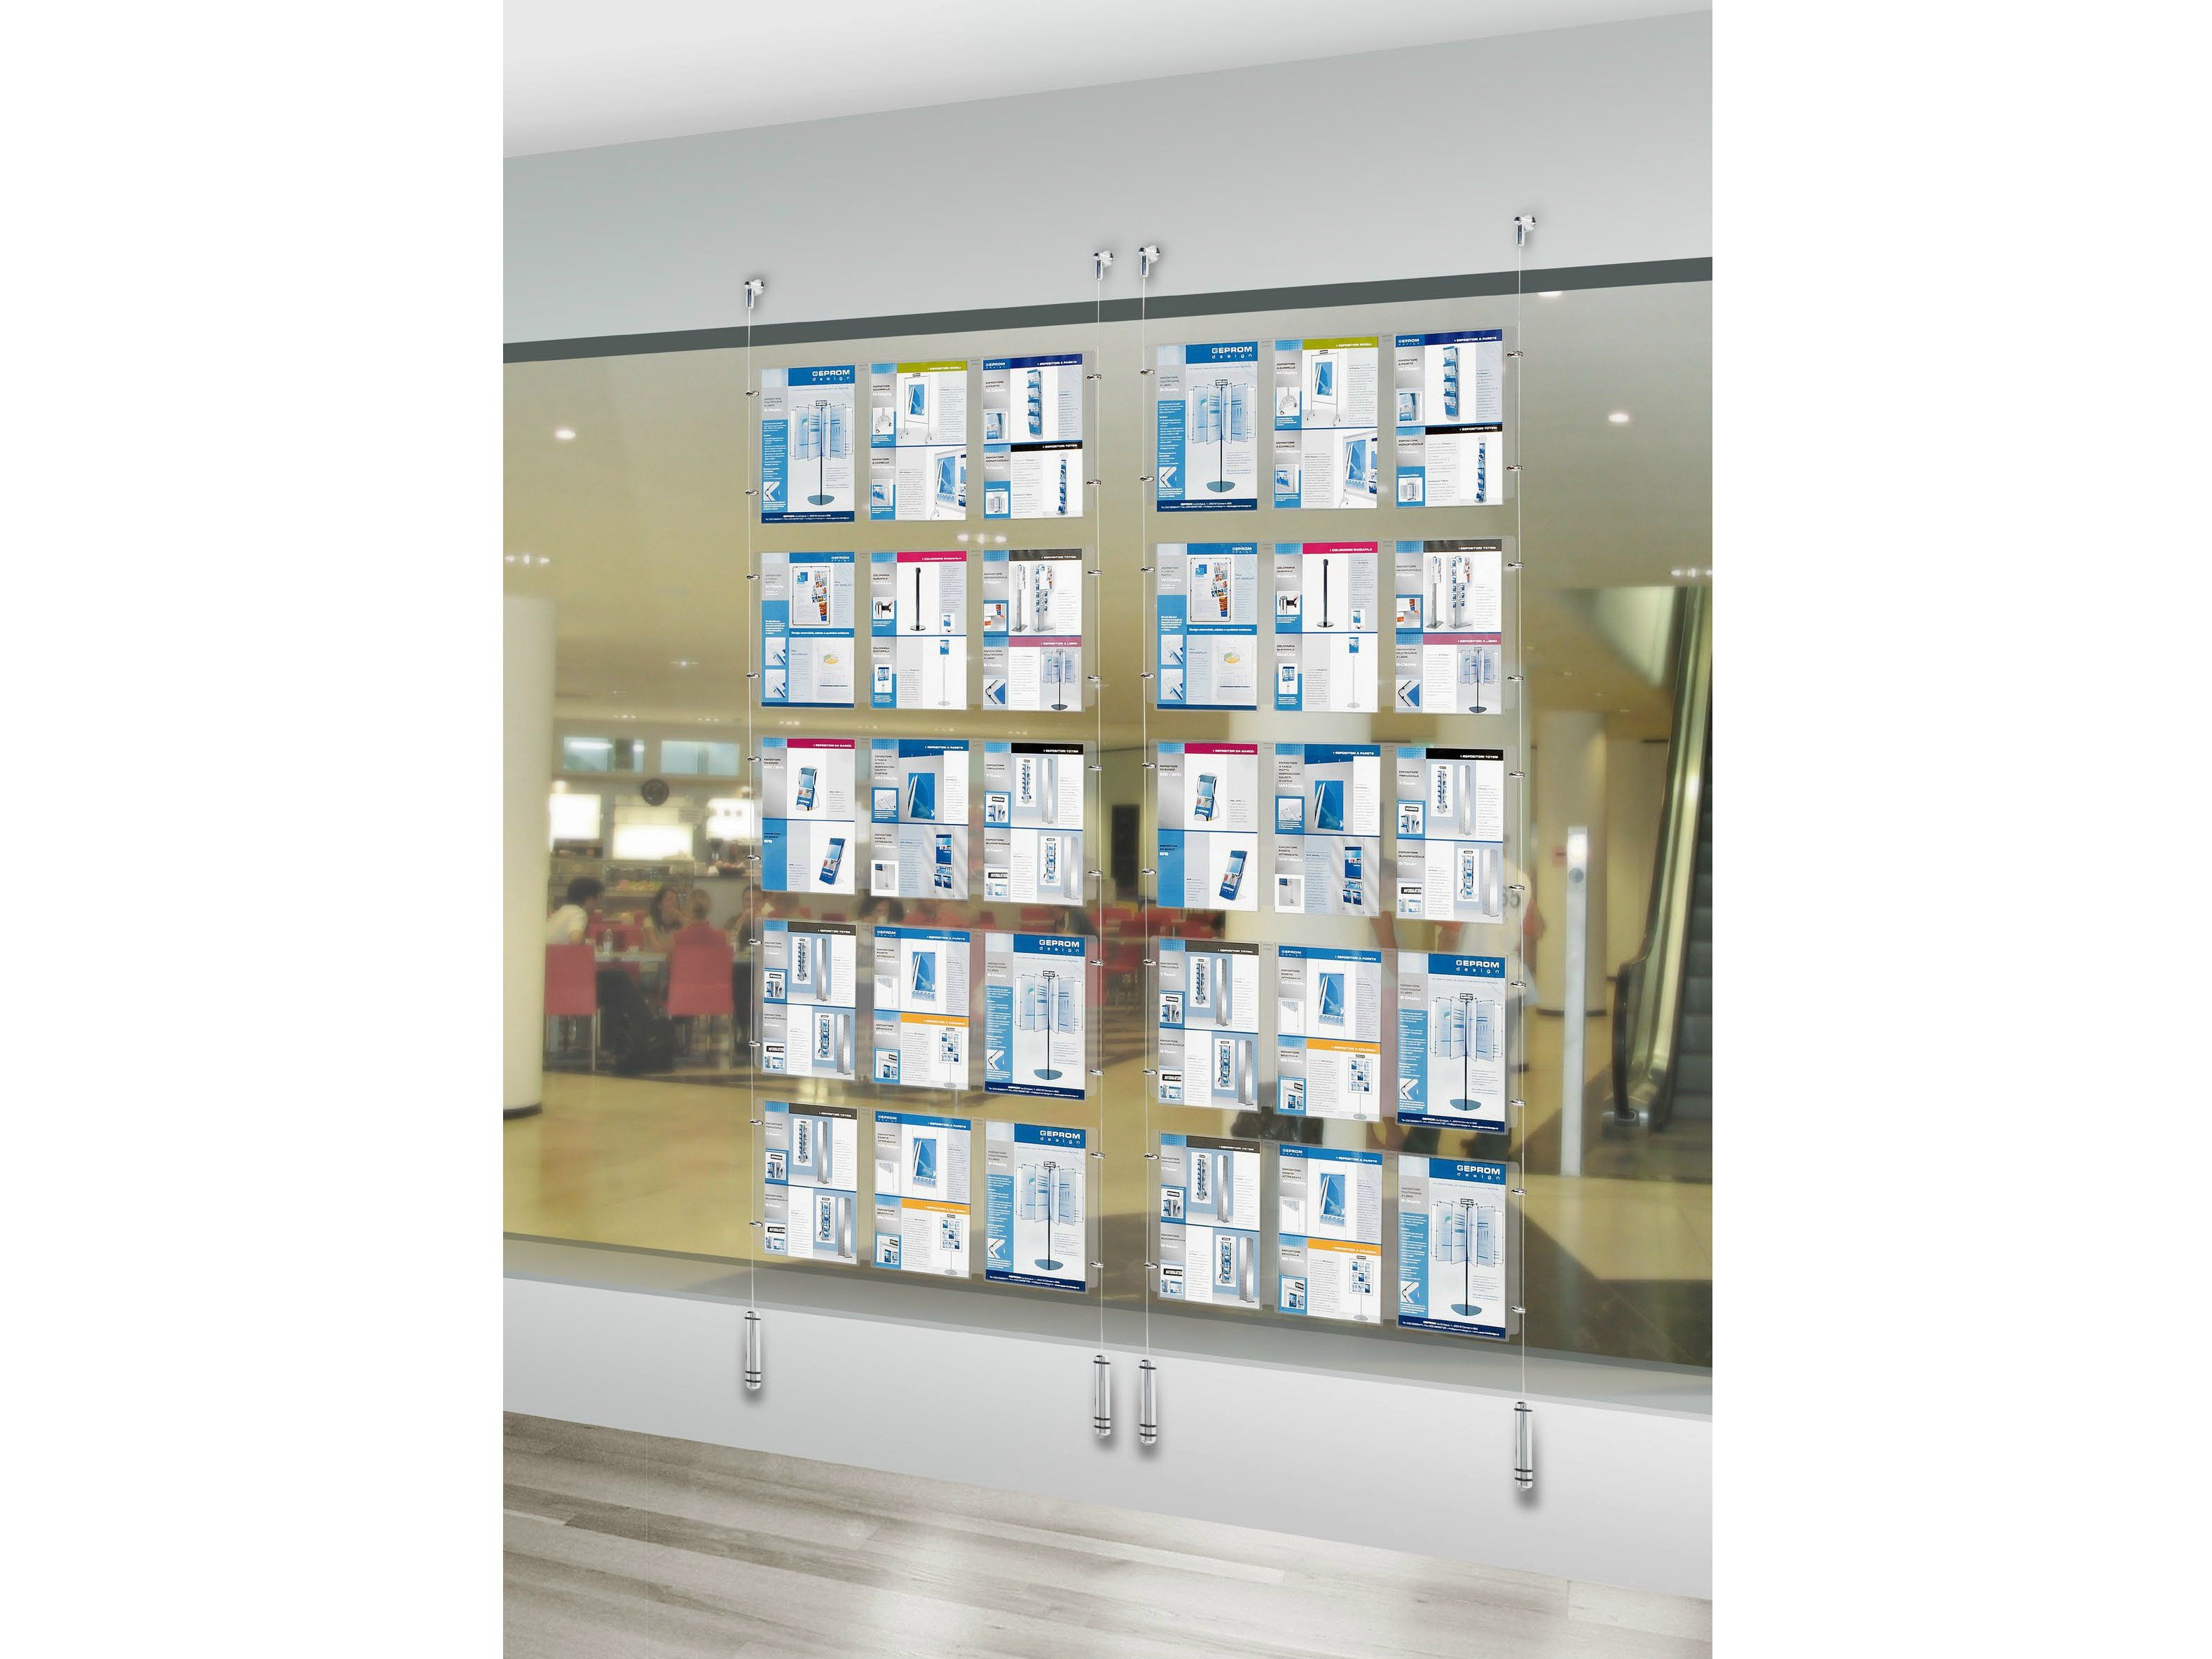 Pr sentoir mural en plexiglas ww display by geprom design - Presentoir photos mural ...